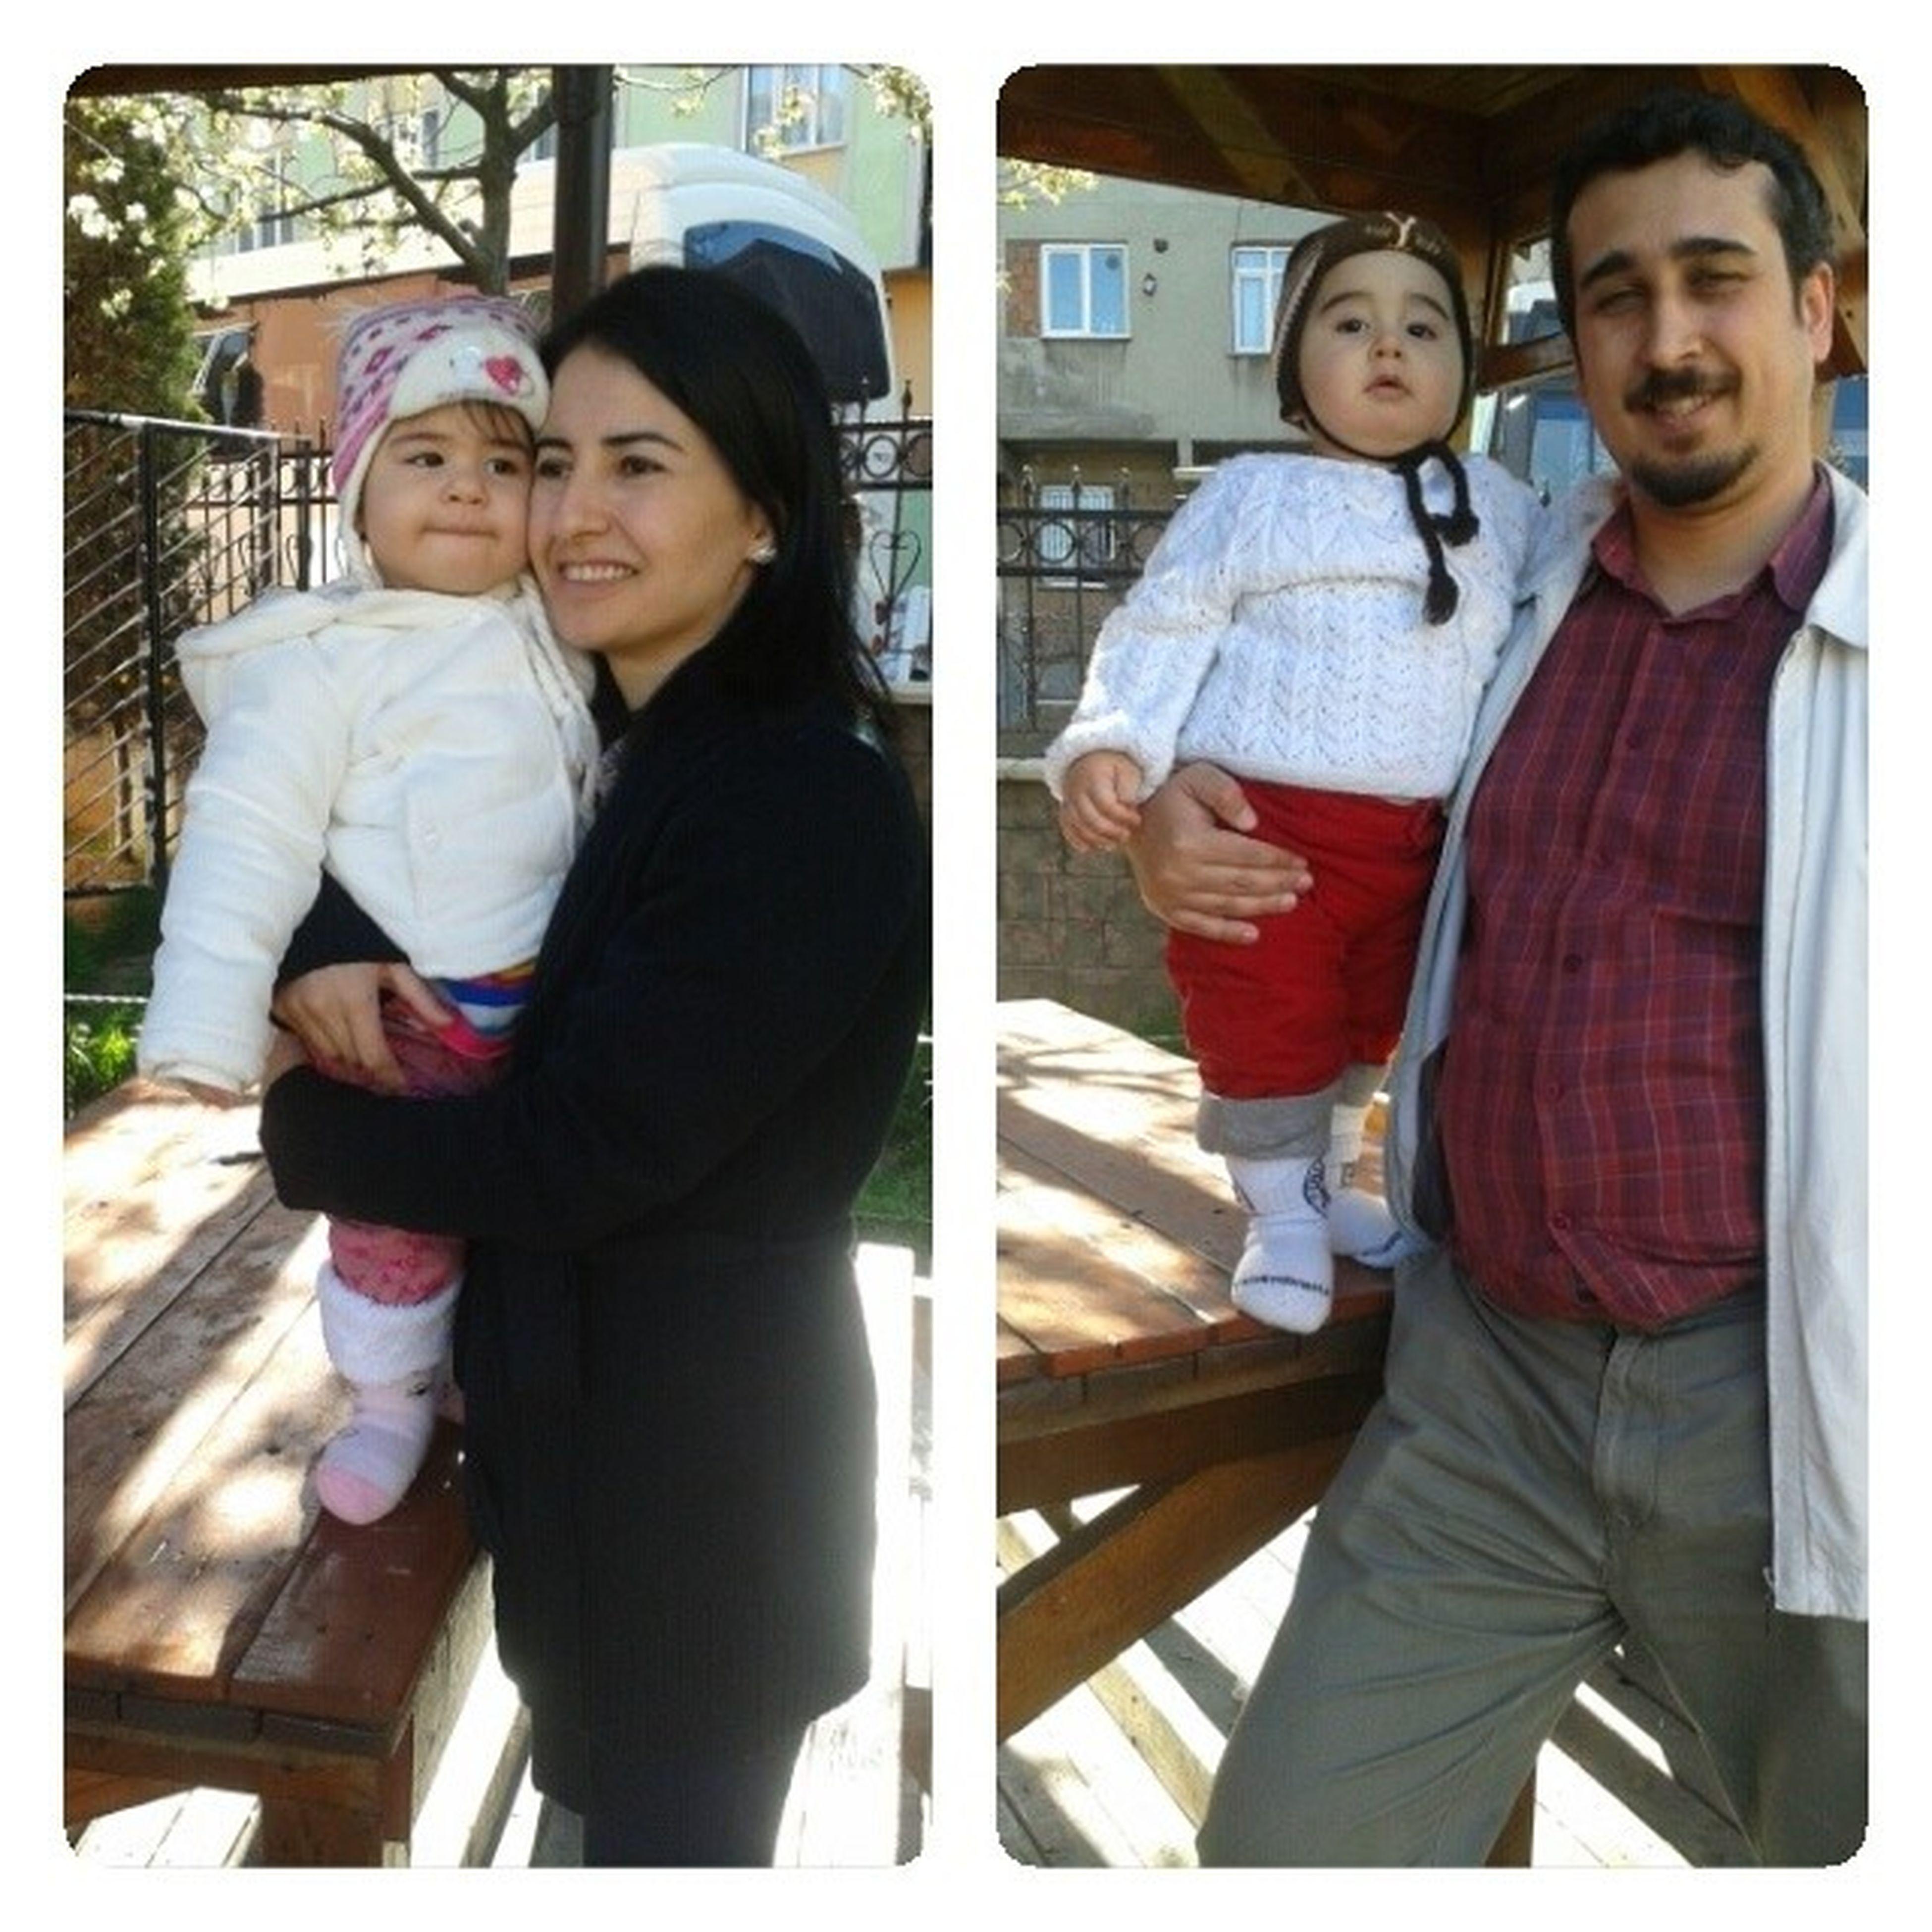 Parktayiz yine :) Almira R üzgar